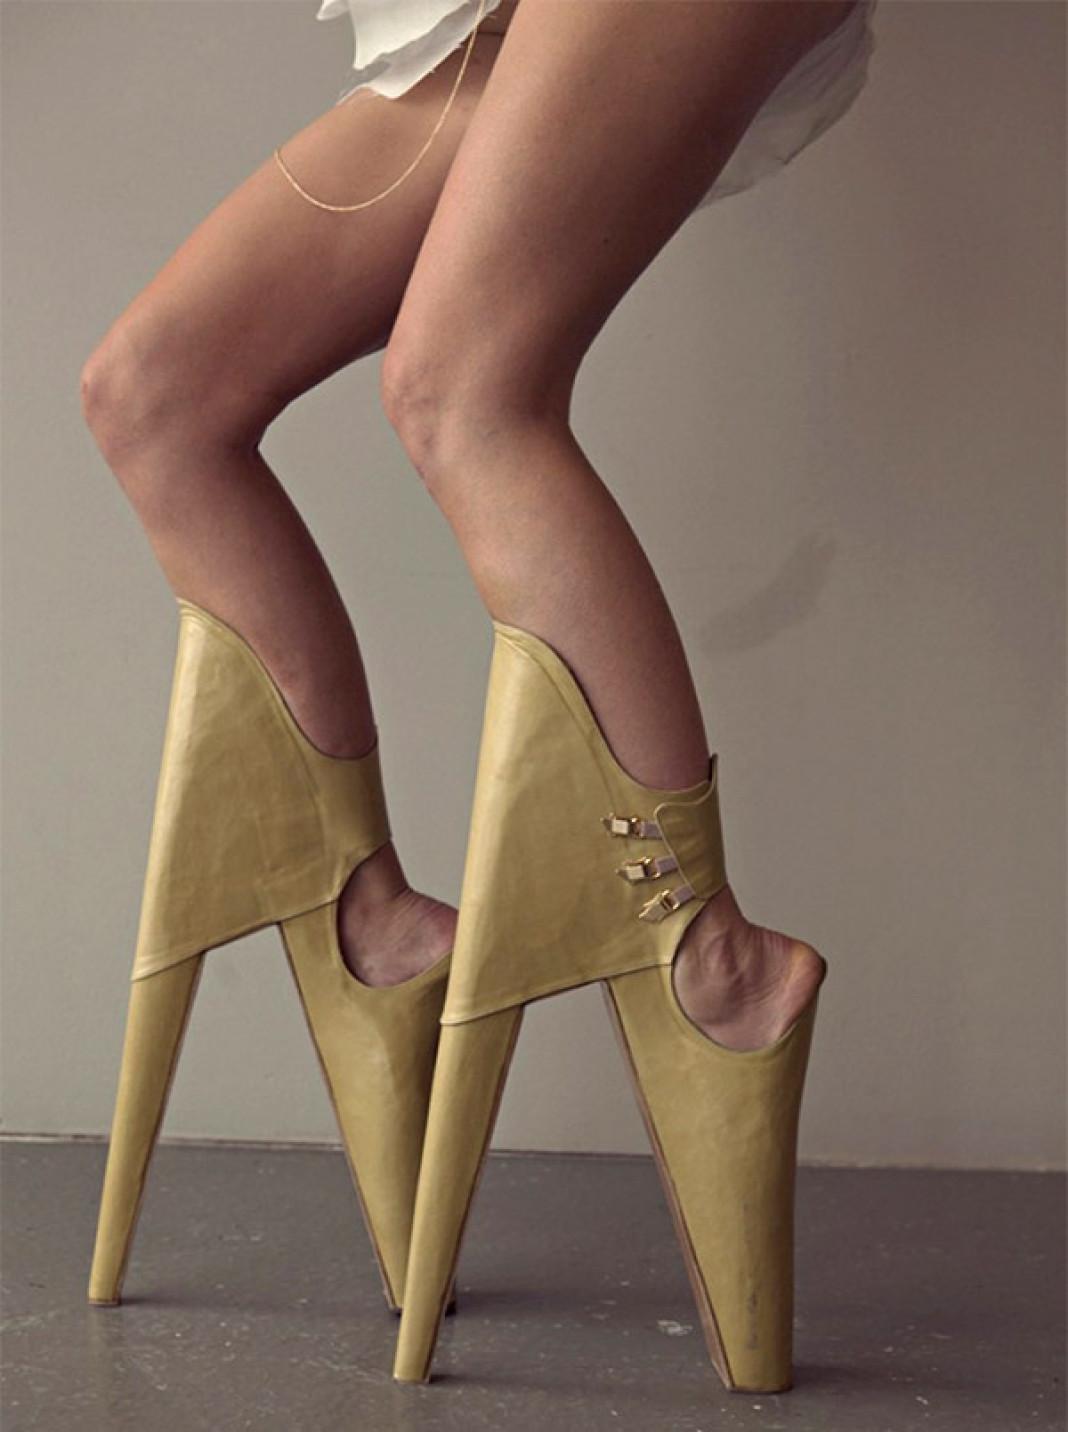 weird footwear